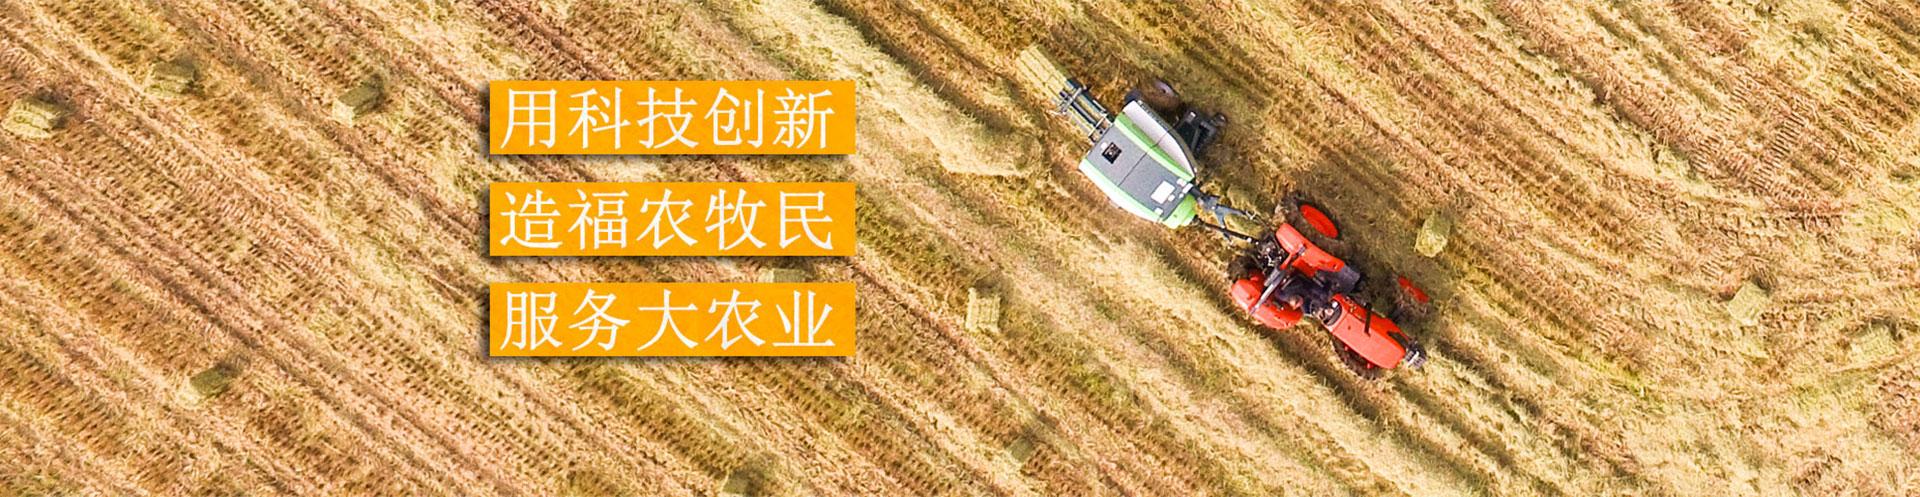 黔西南州智慧农机有限责任公司